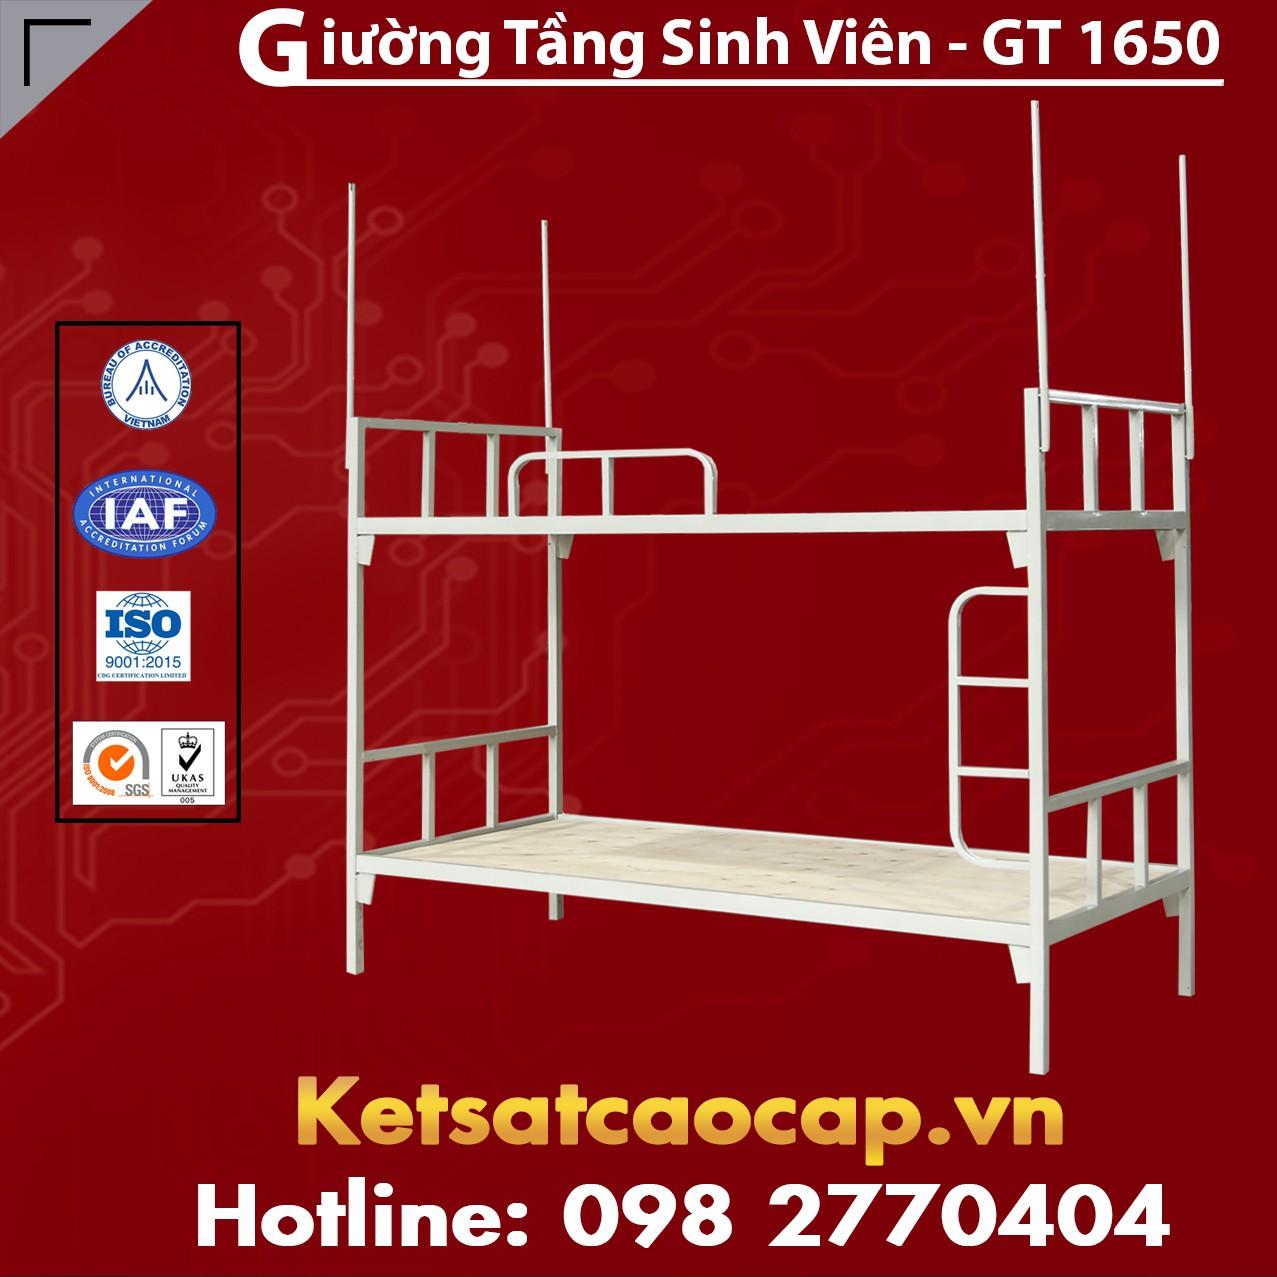 Giuong Sat Gia Tot Nhat Thi Truong